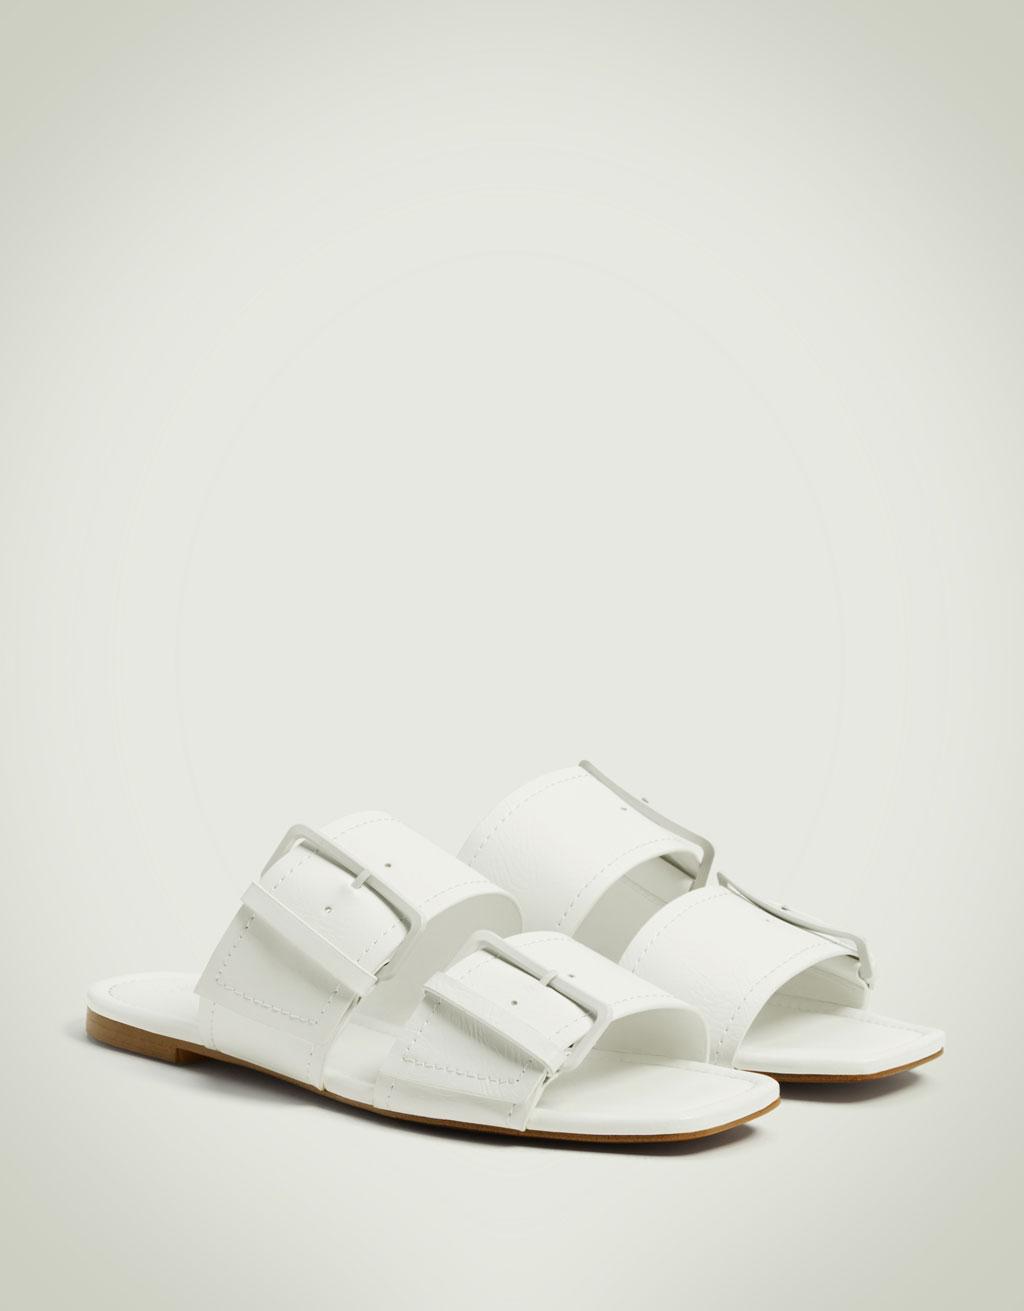 Soljelliset sandaalit